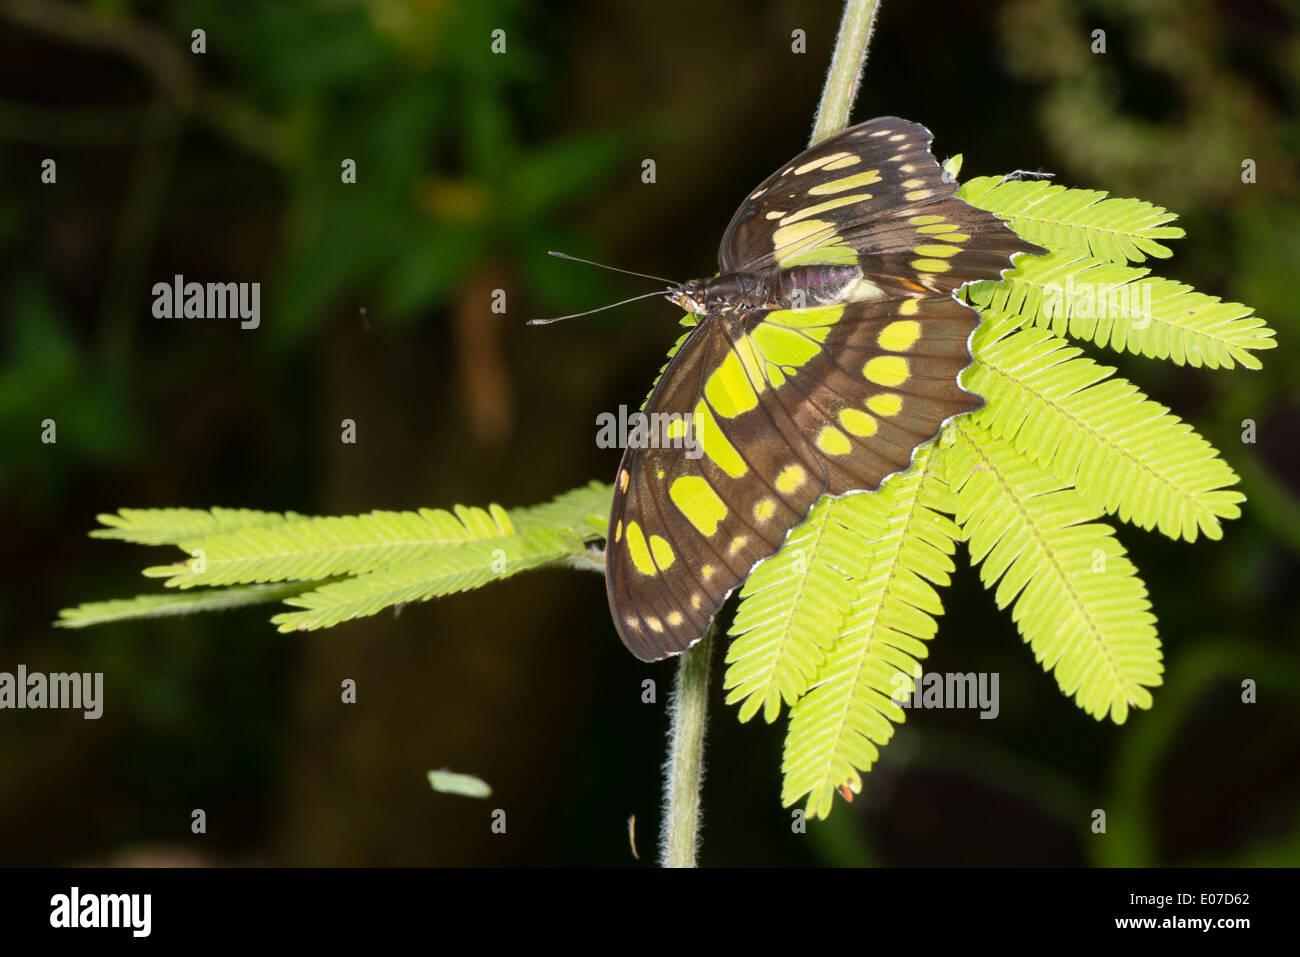 Eine Malachit-Schmetterling im Ruhezustand Stockbild